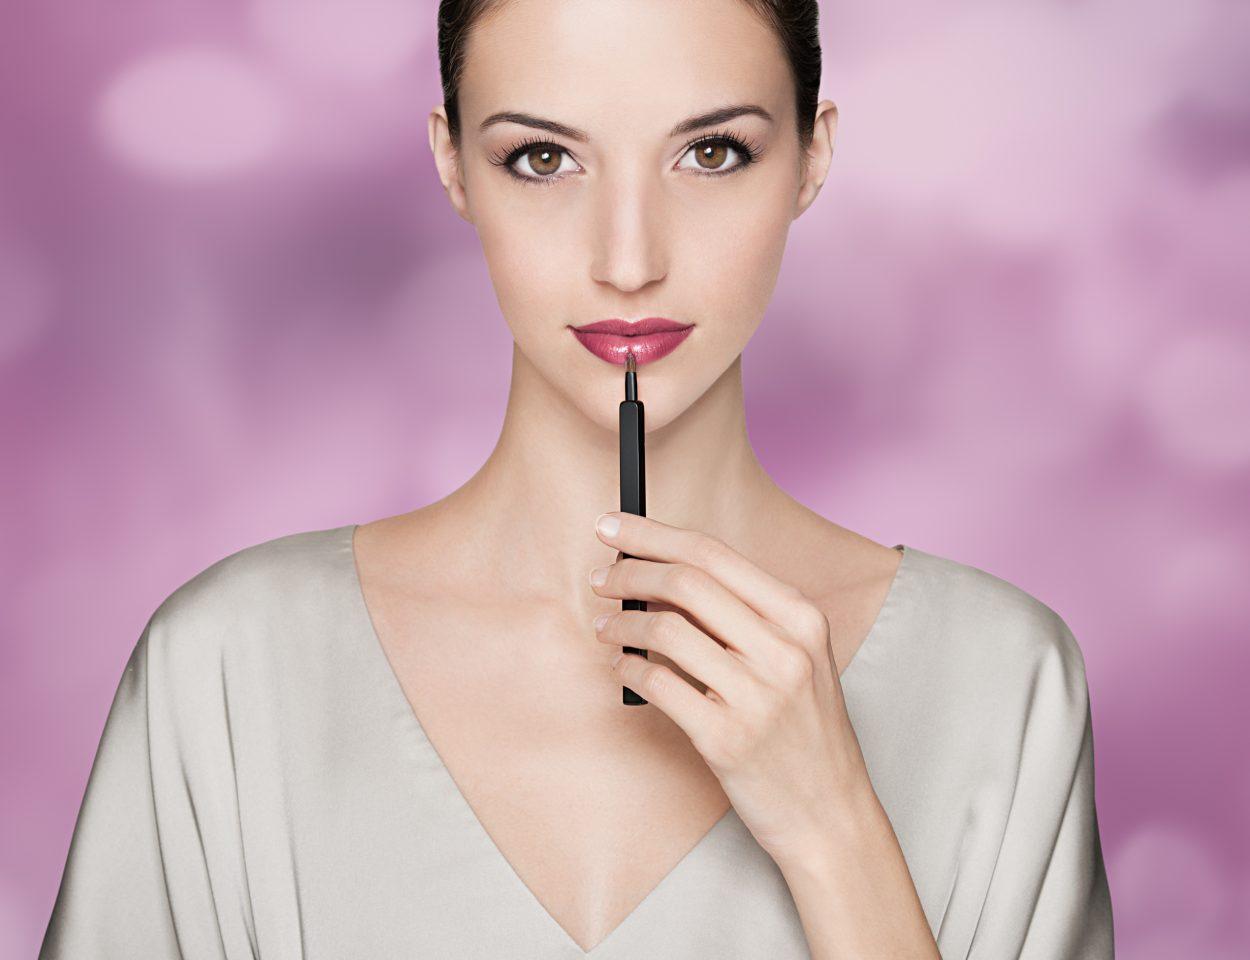 maquillage Lippenstift